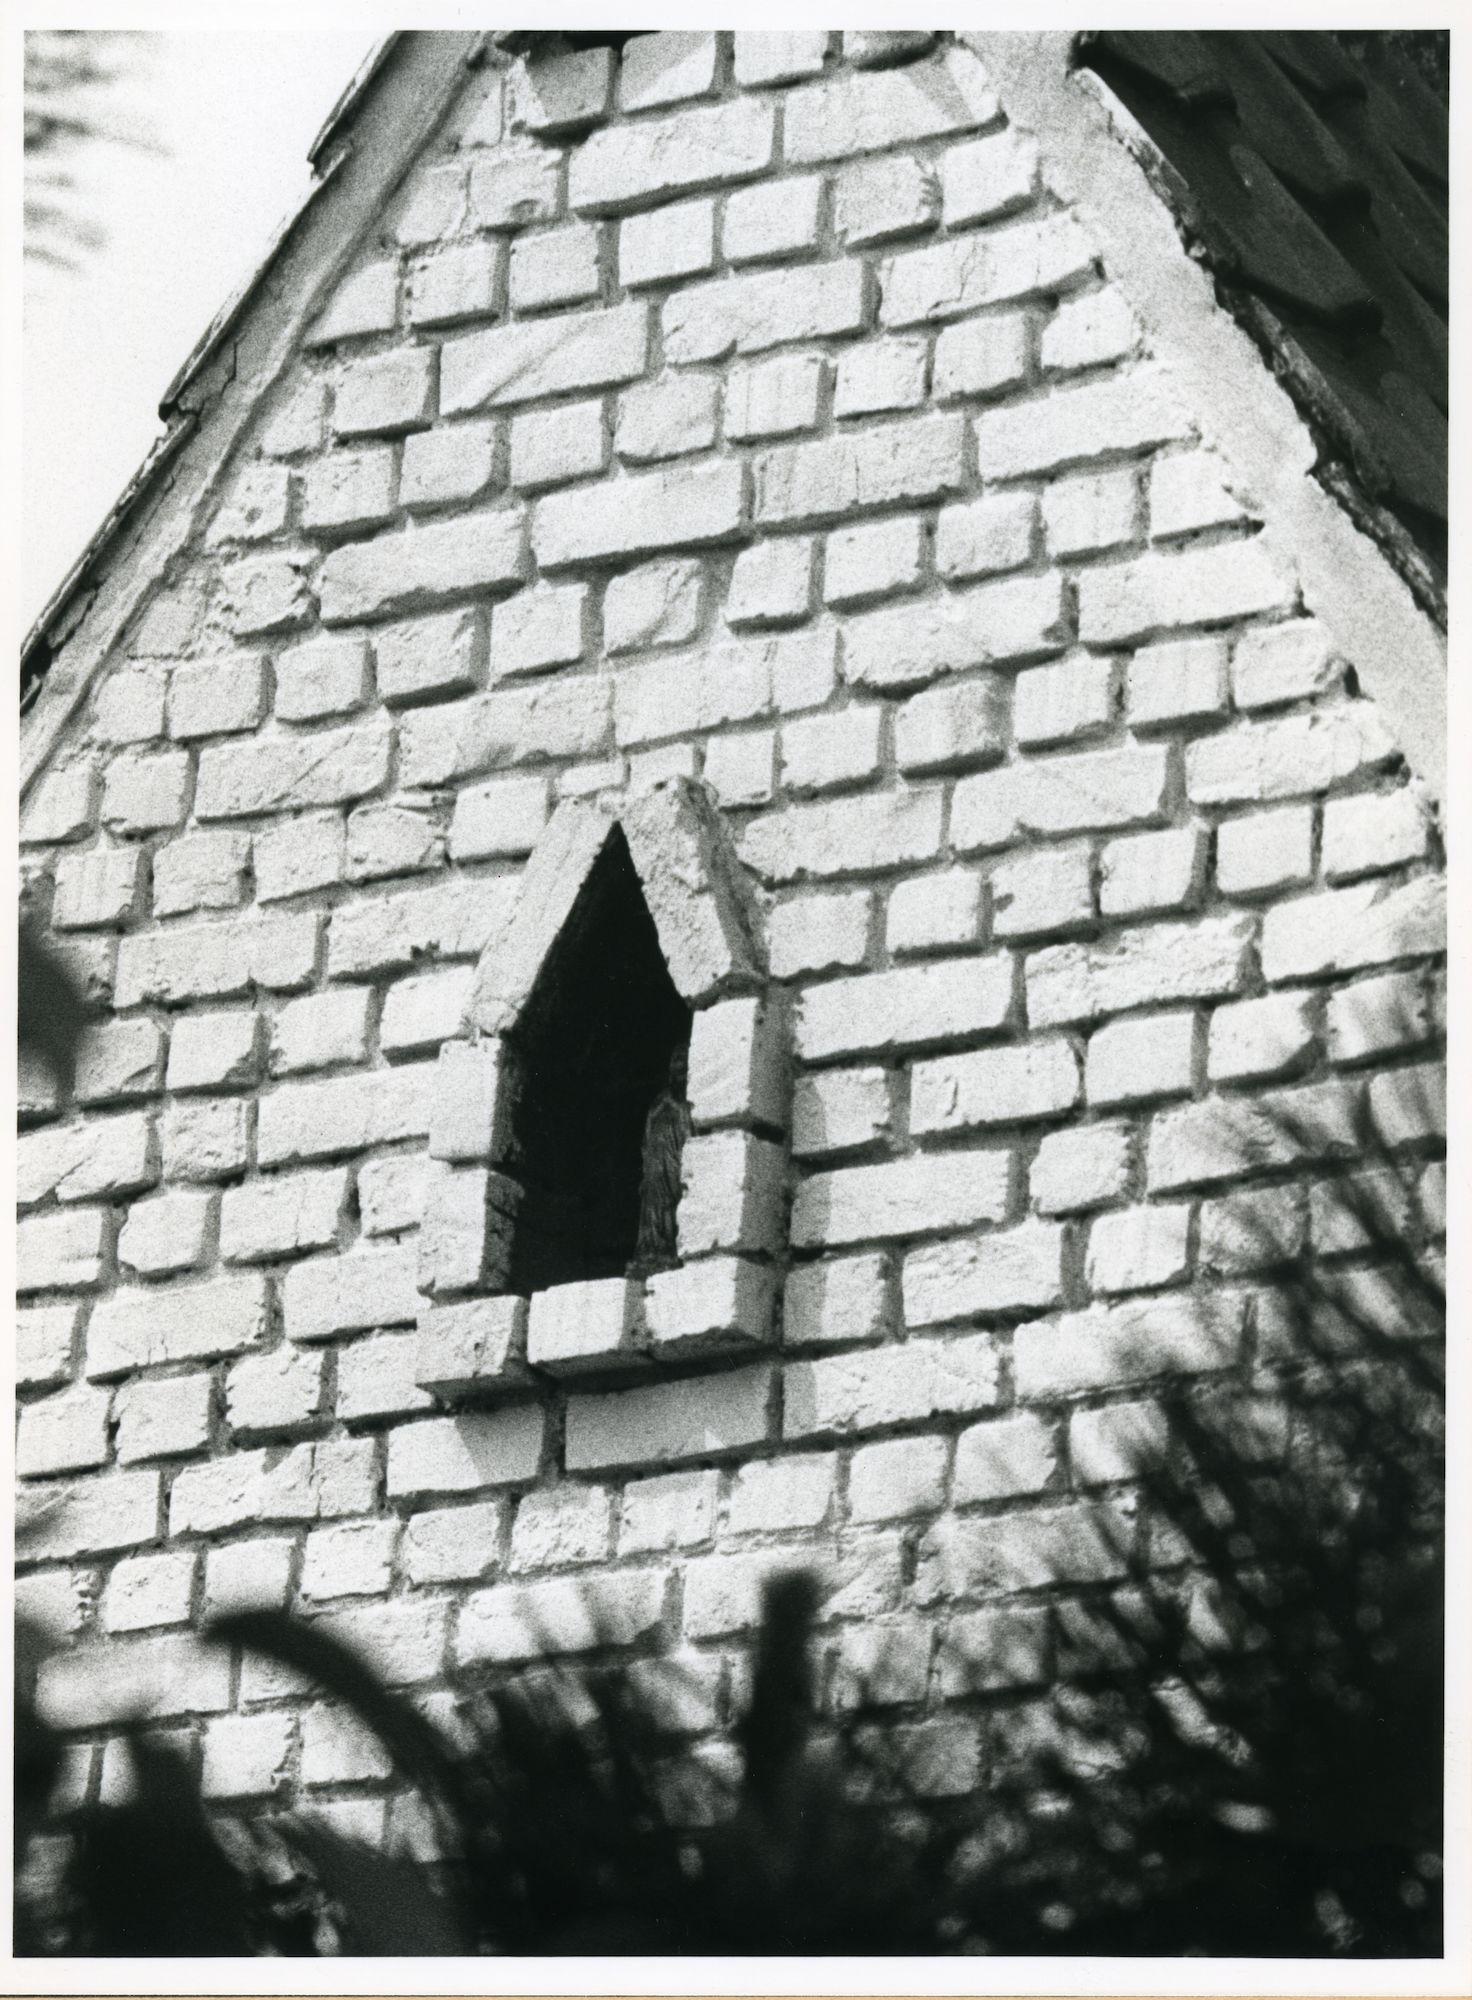 Gent: Tuinwijklaan 64: Kapel, 1980